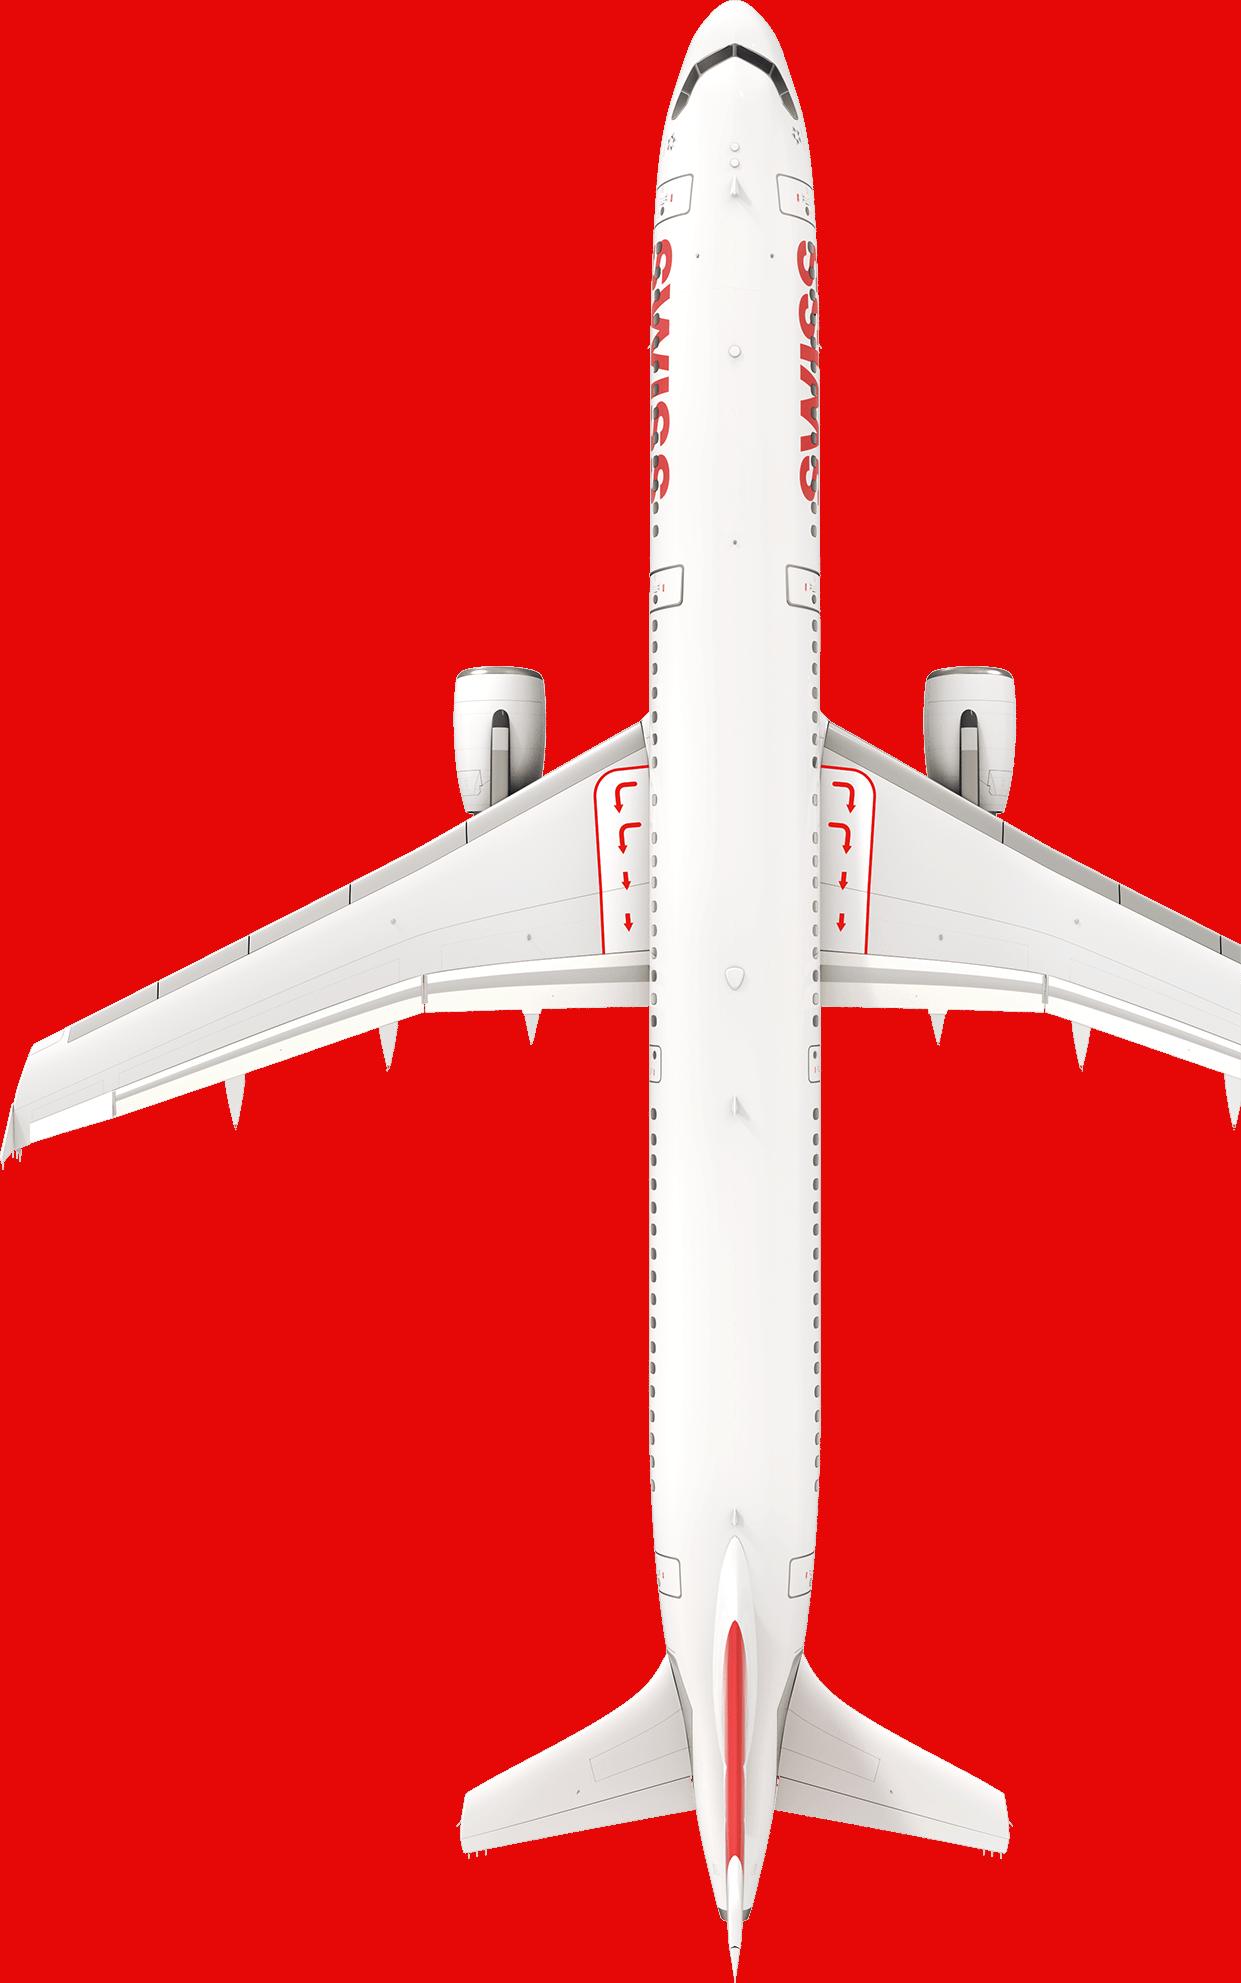 空客a321座位分布图